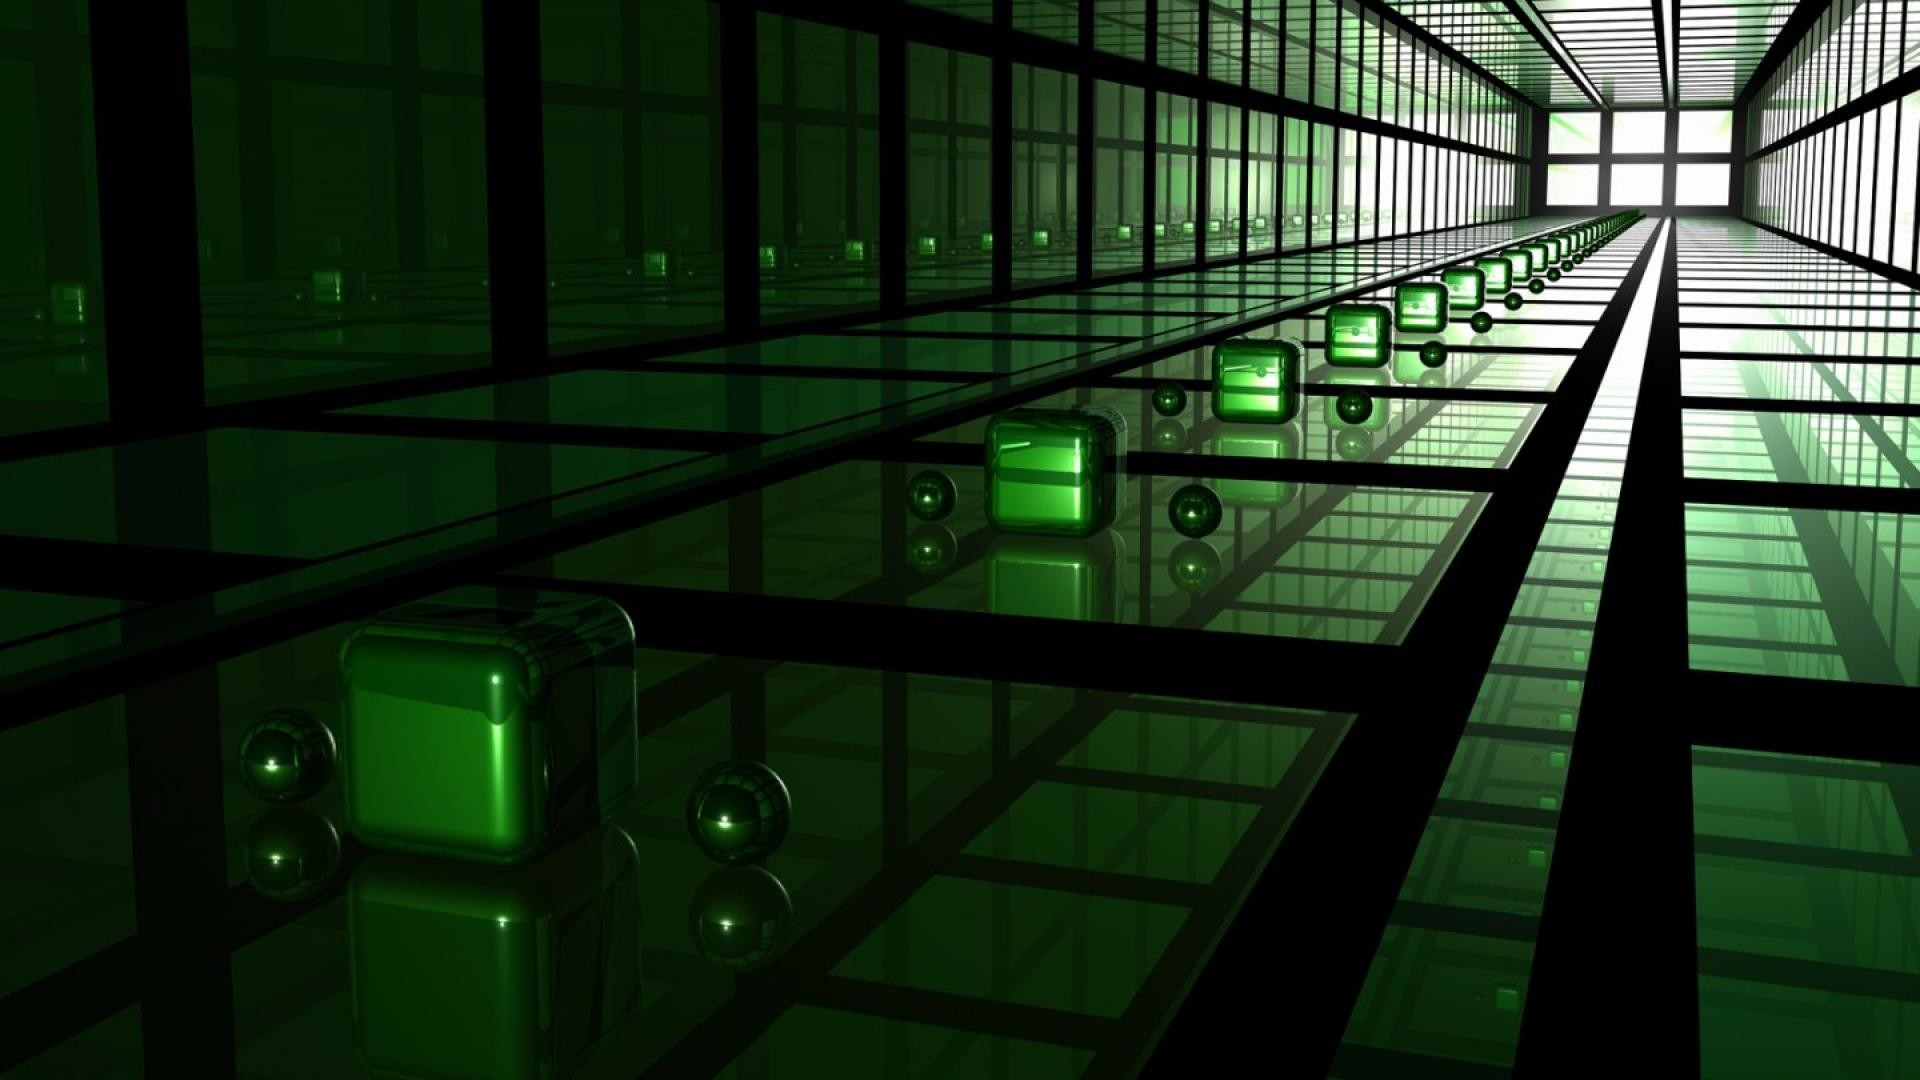 Matrix 3d Cube 3 Fondo De Pantalla Animado Hd Para: 3D Cube Wallpaper (80+ Images